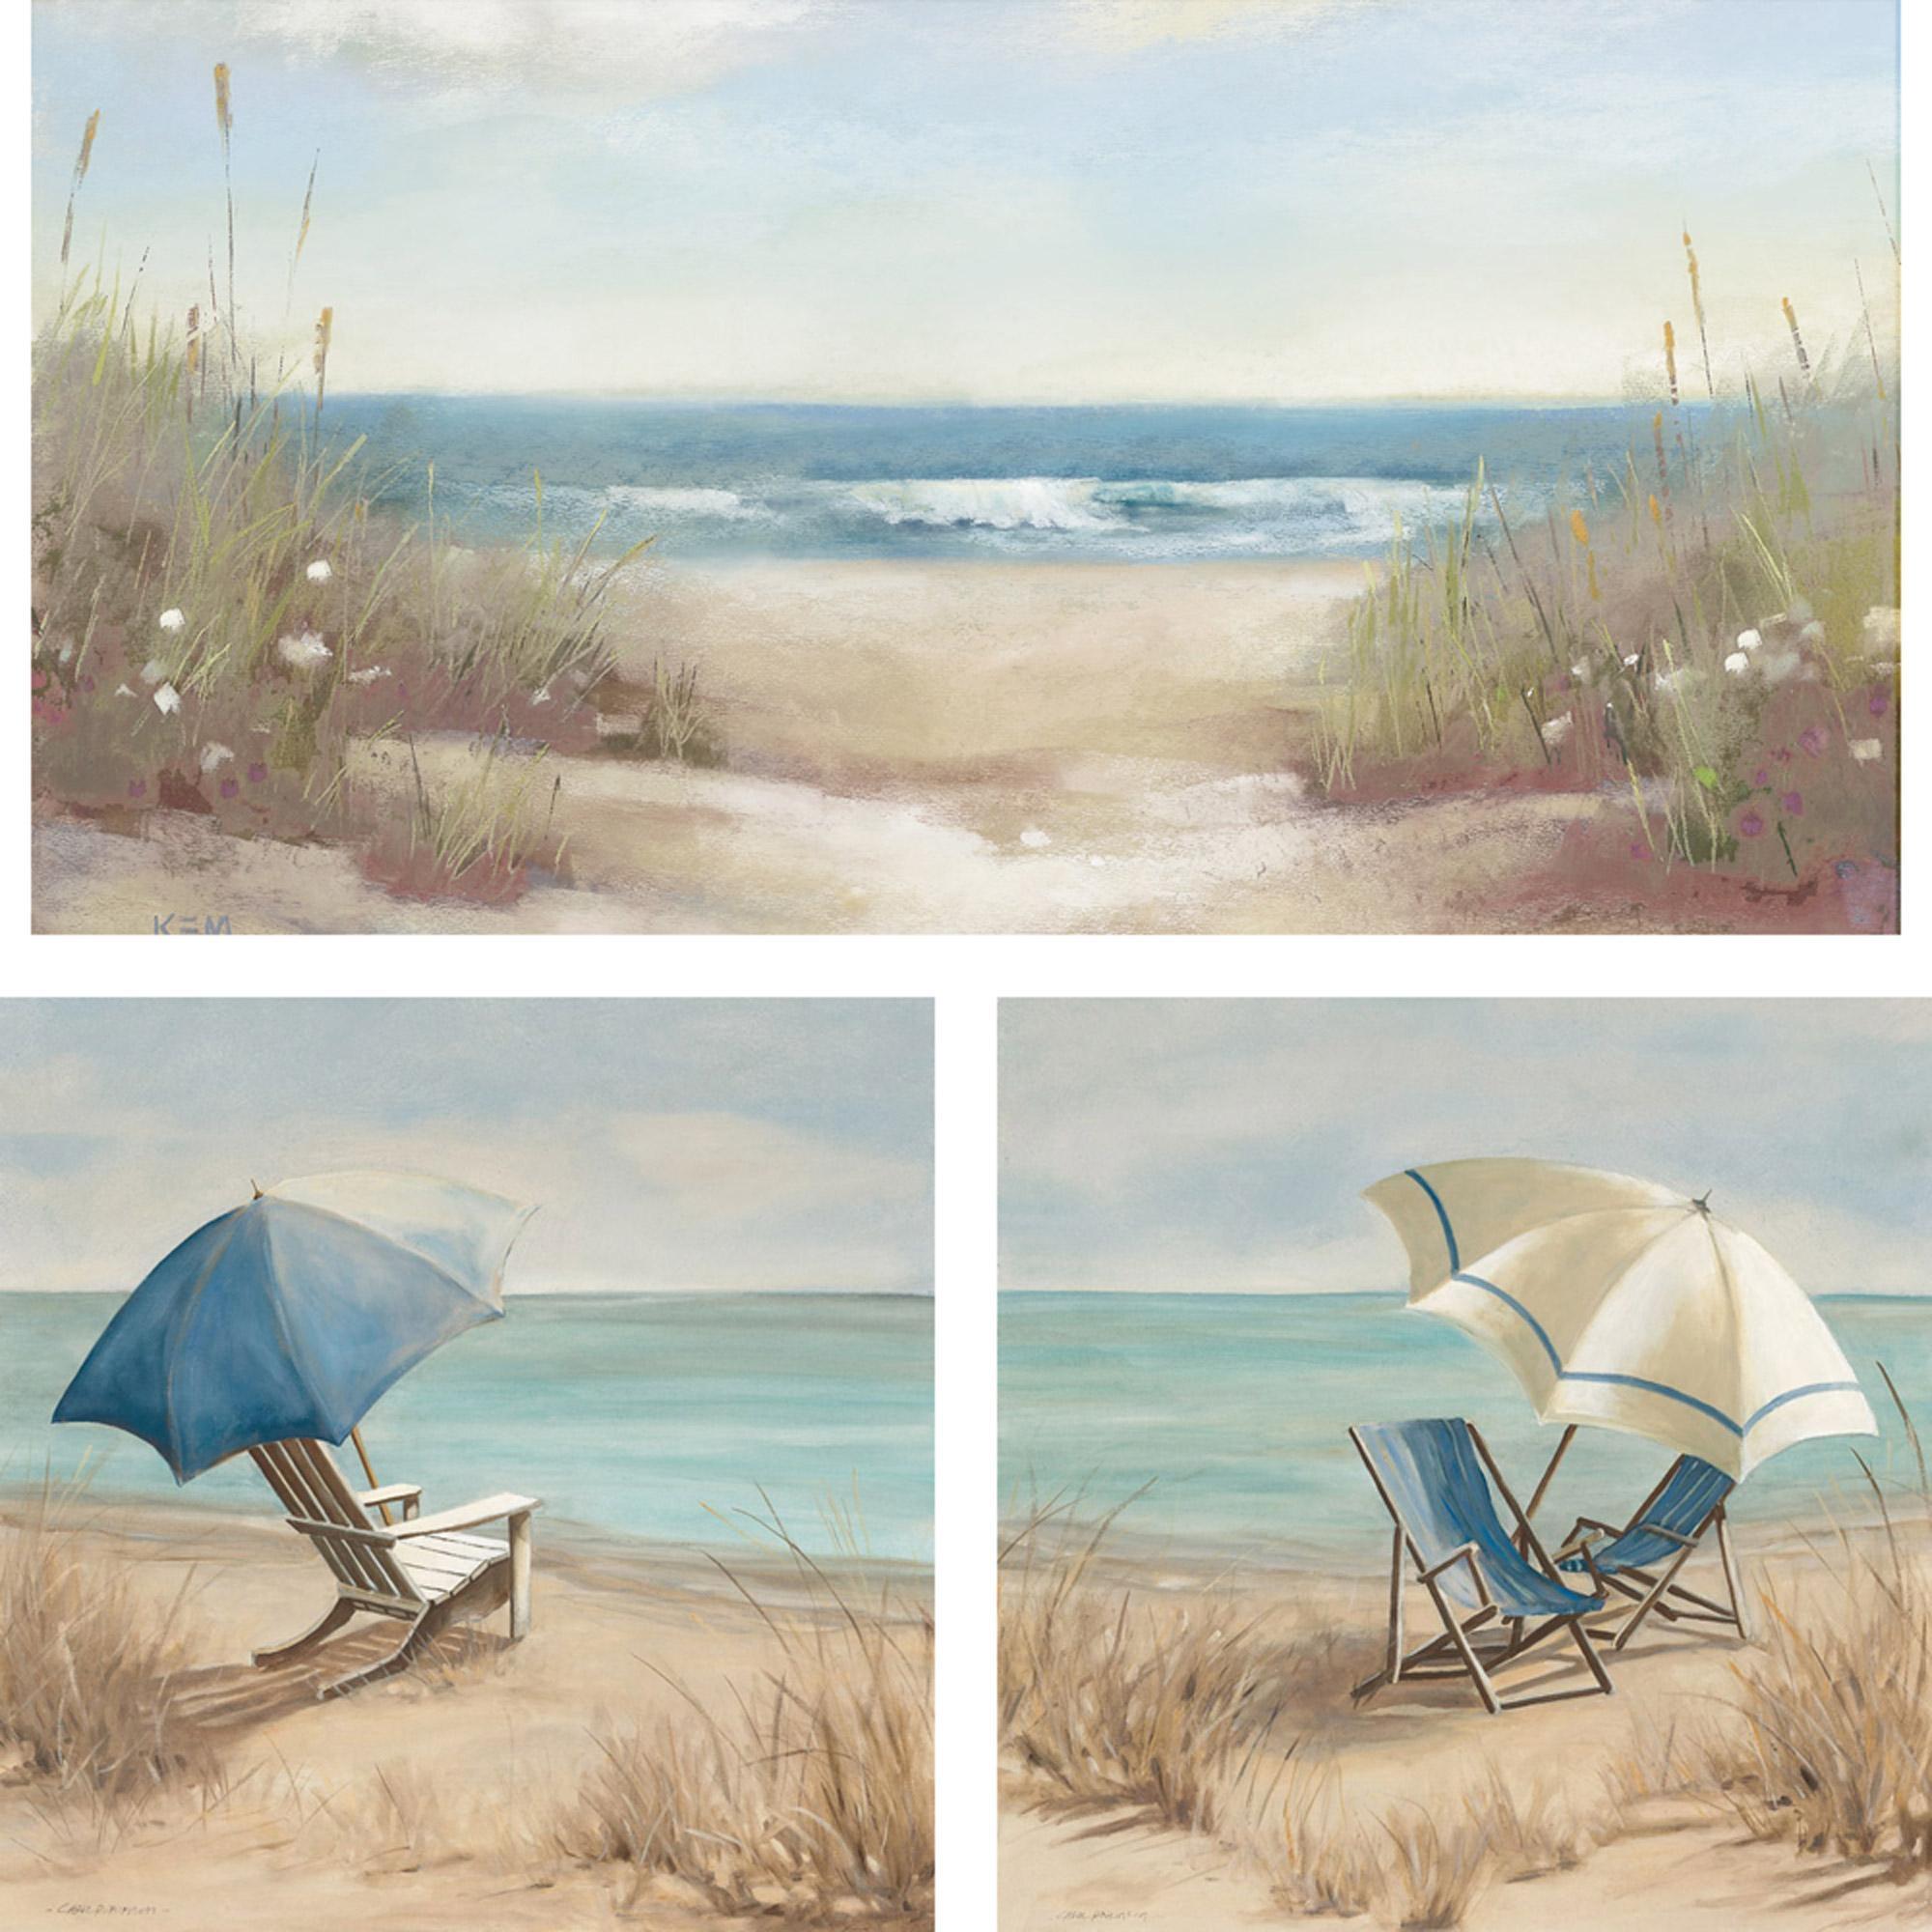 3-Piece Beach Scene Wall Art Set, 23X23 - Walmart for 3 Piece Beach Wall Art